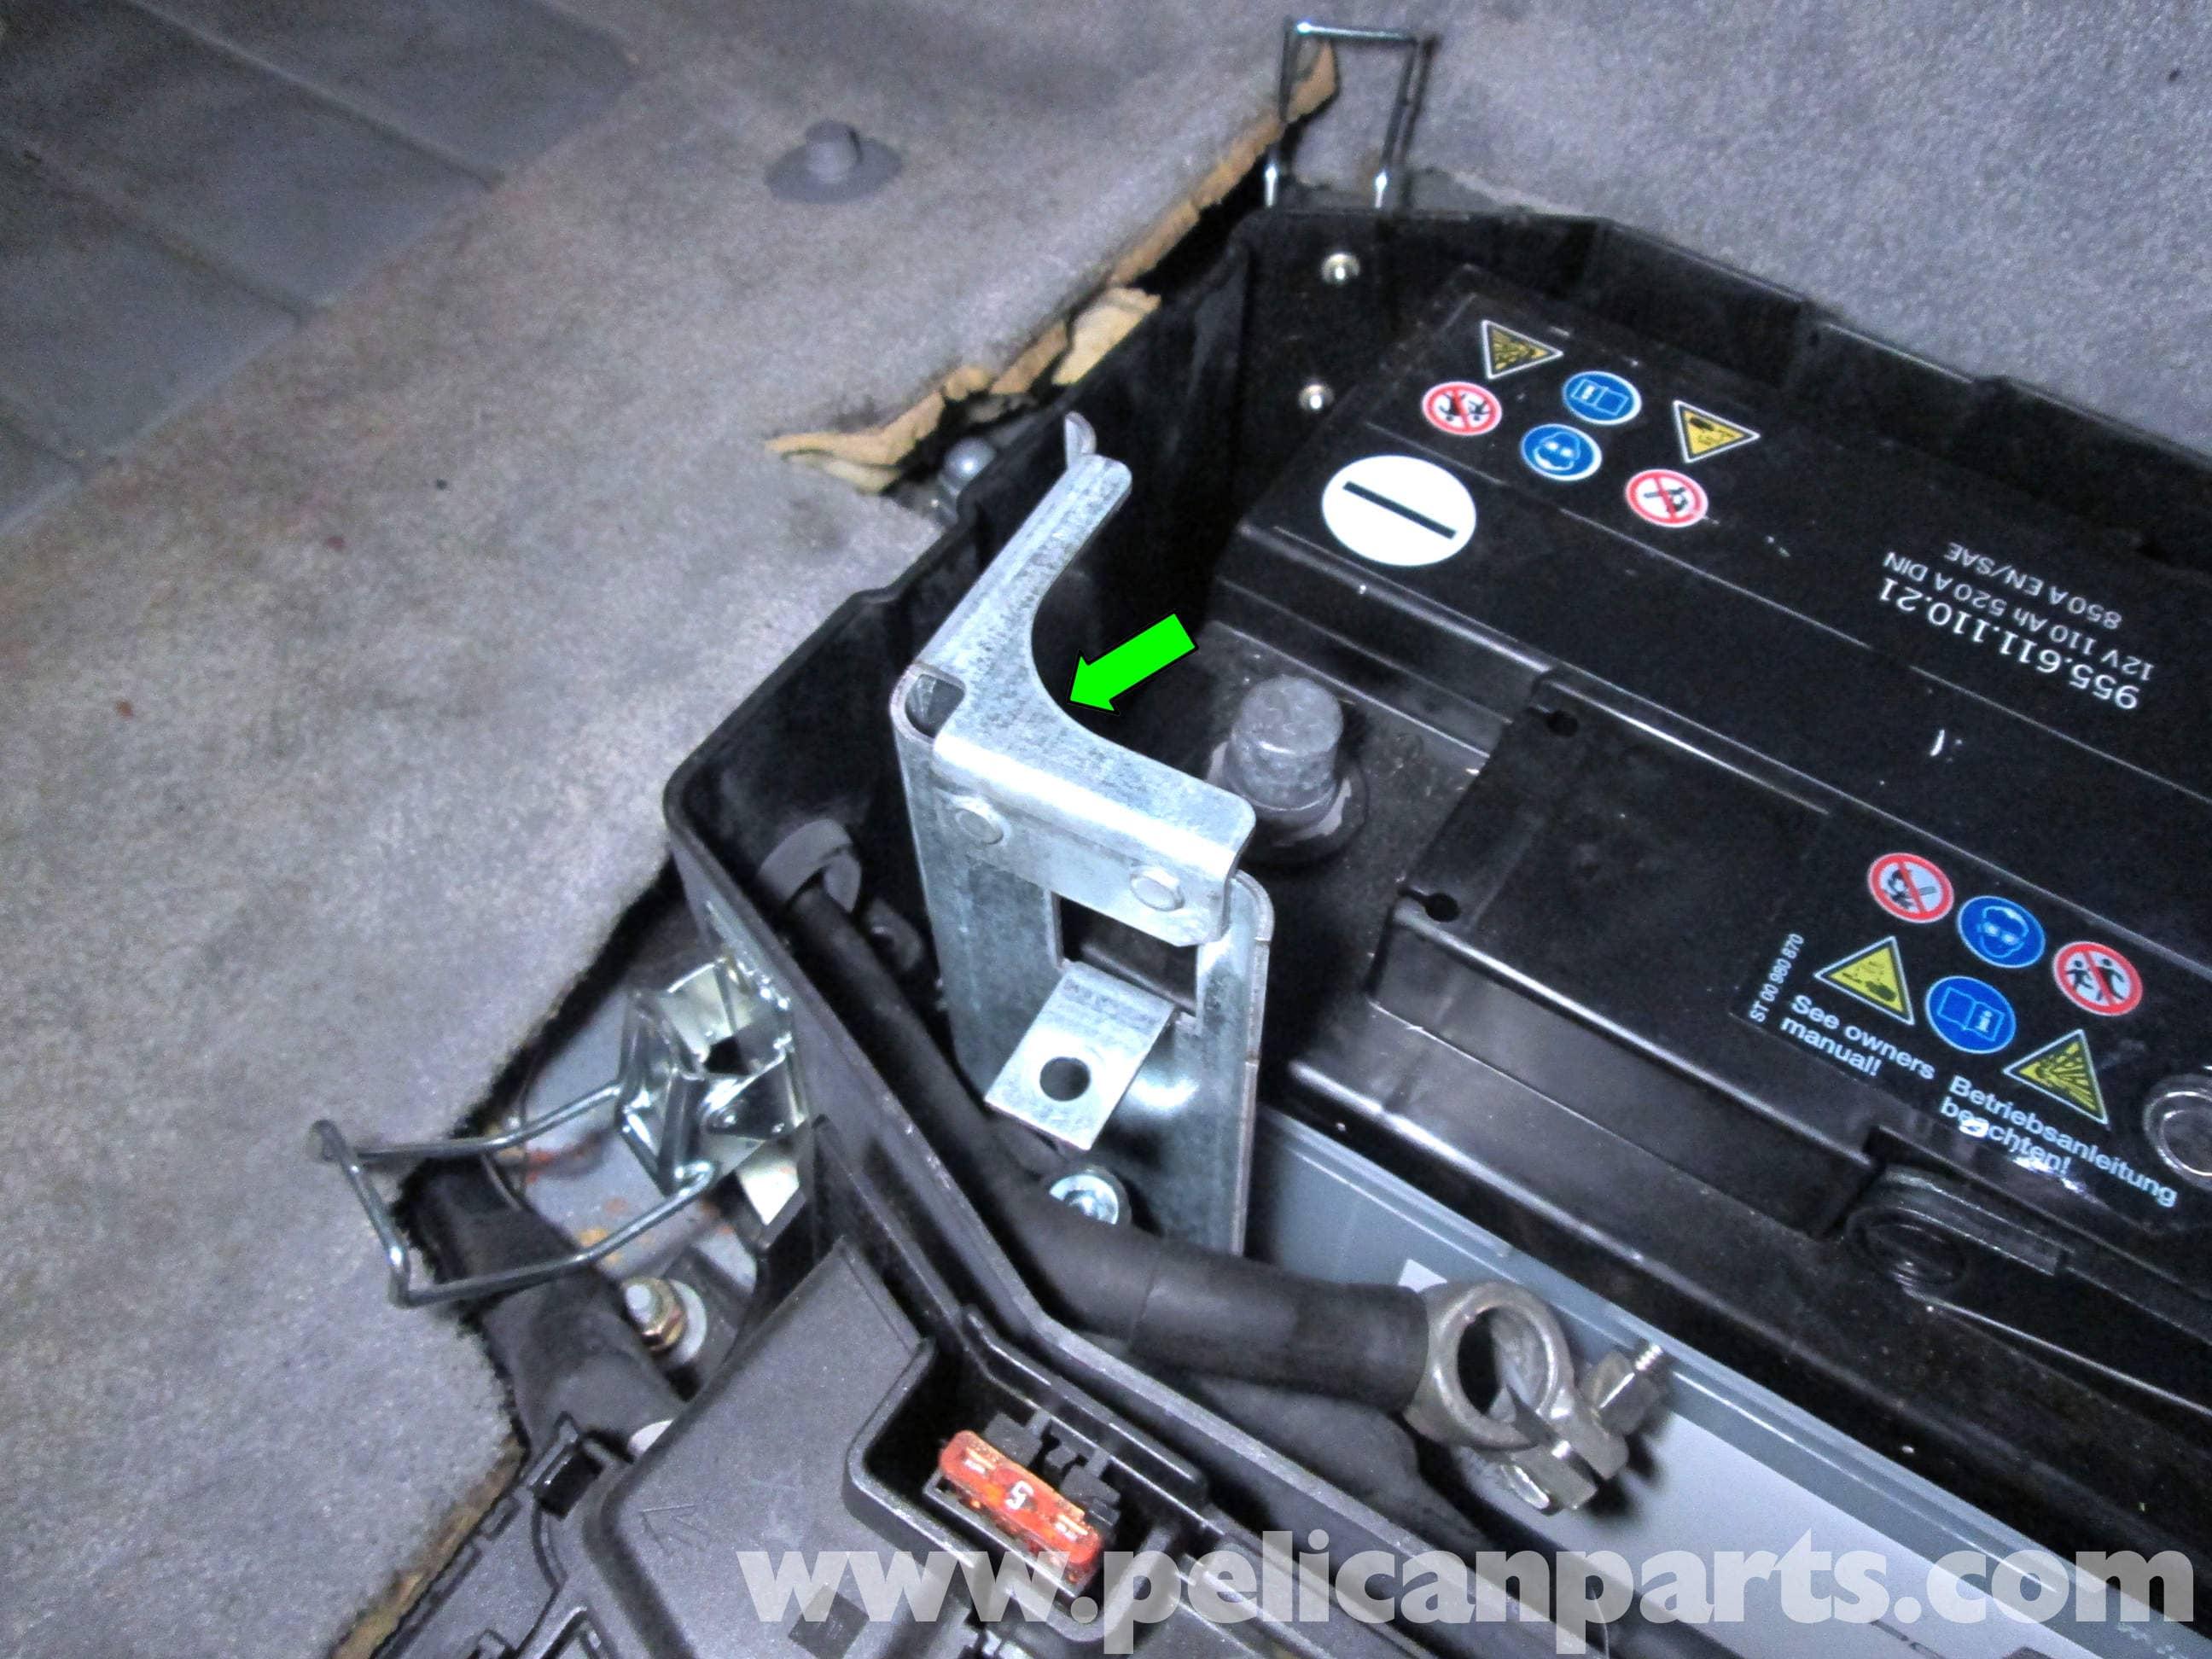 porsche cayenne battery replacement 2003 2008 pelican parts diy rh pelicanparts com 2010 Porsche Cayenne Battery Location 2006 Porsche Cayenne Battery Location